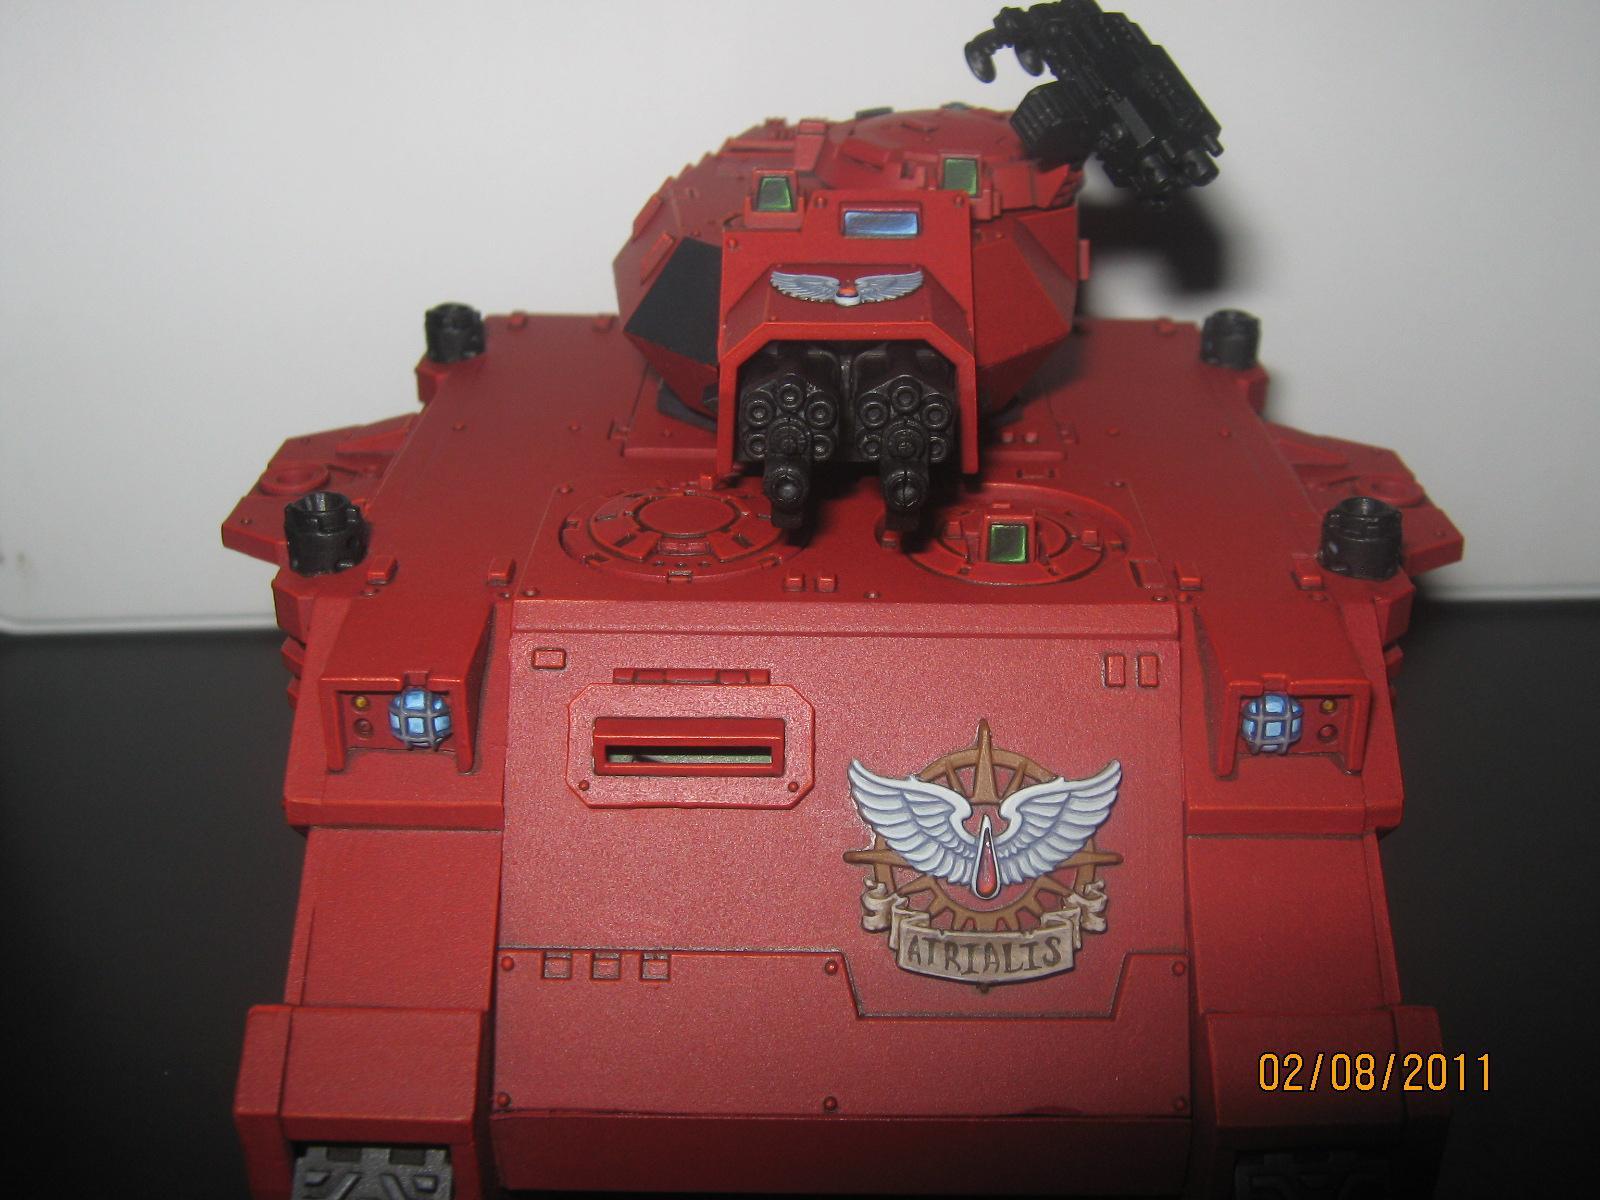 Baal Predator, Blood Angels, Space Marines, Warhammer 40,000